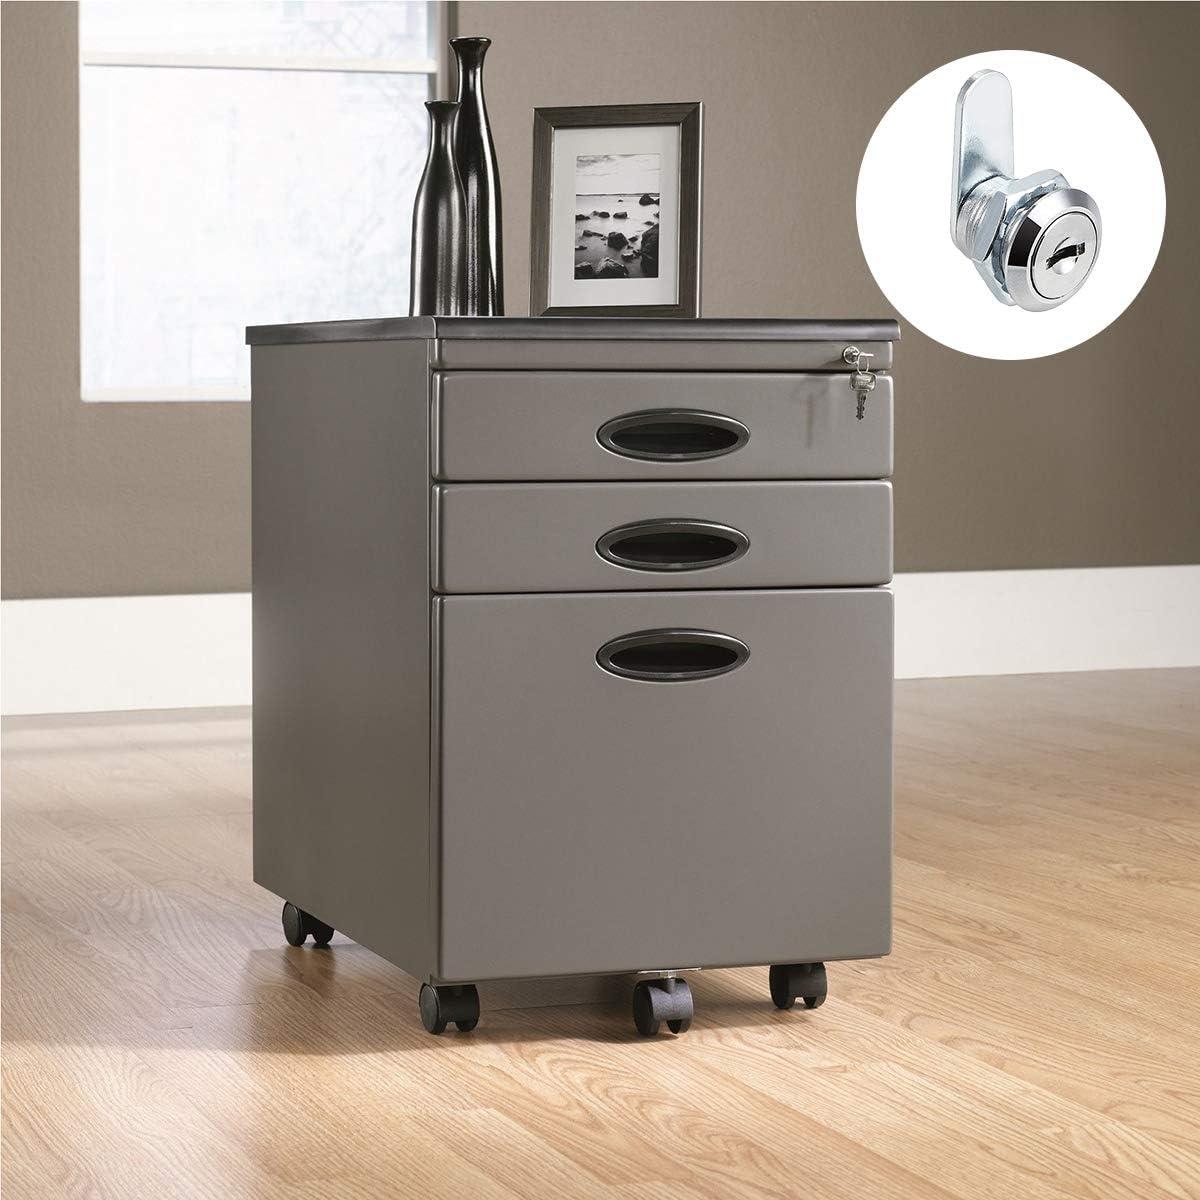 escritorio oficina Cerraduras de puerta de armario 2 unidades con 4 llaves. cerradura de seguridad para archivos armario